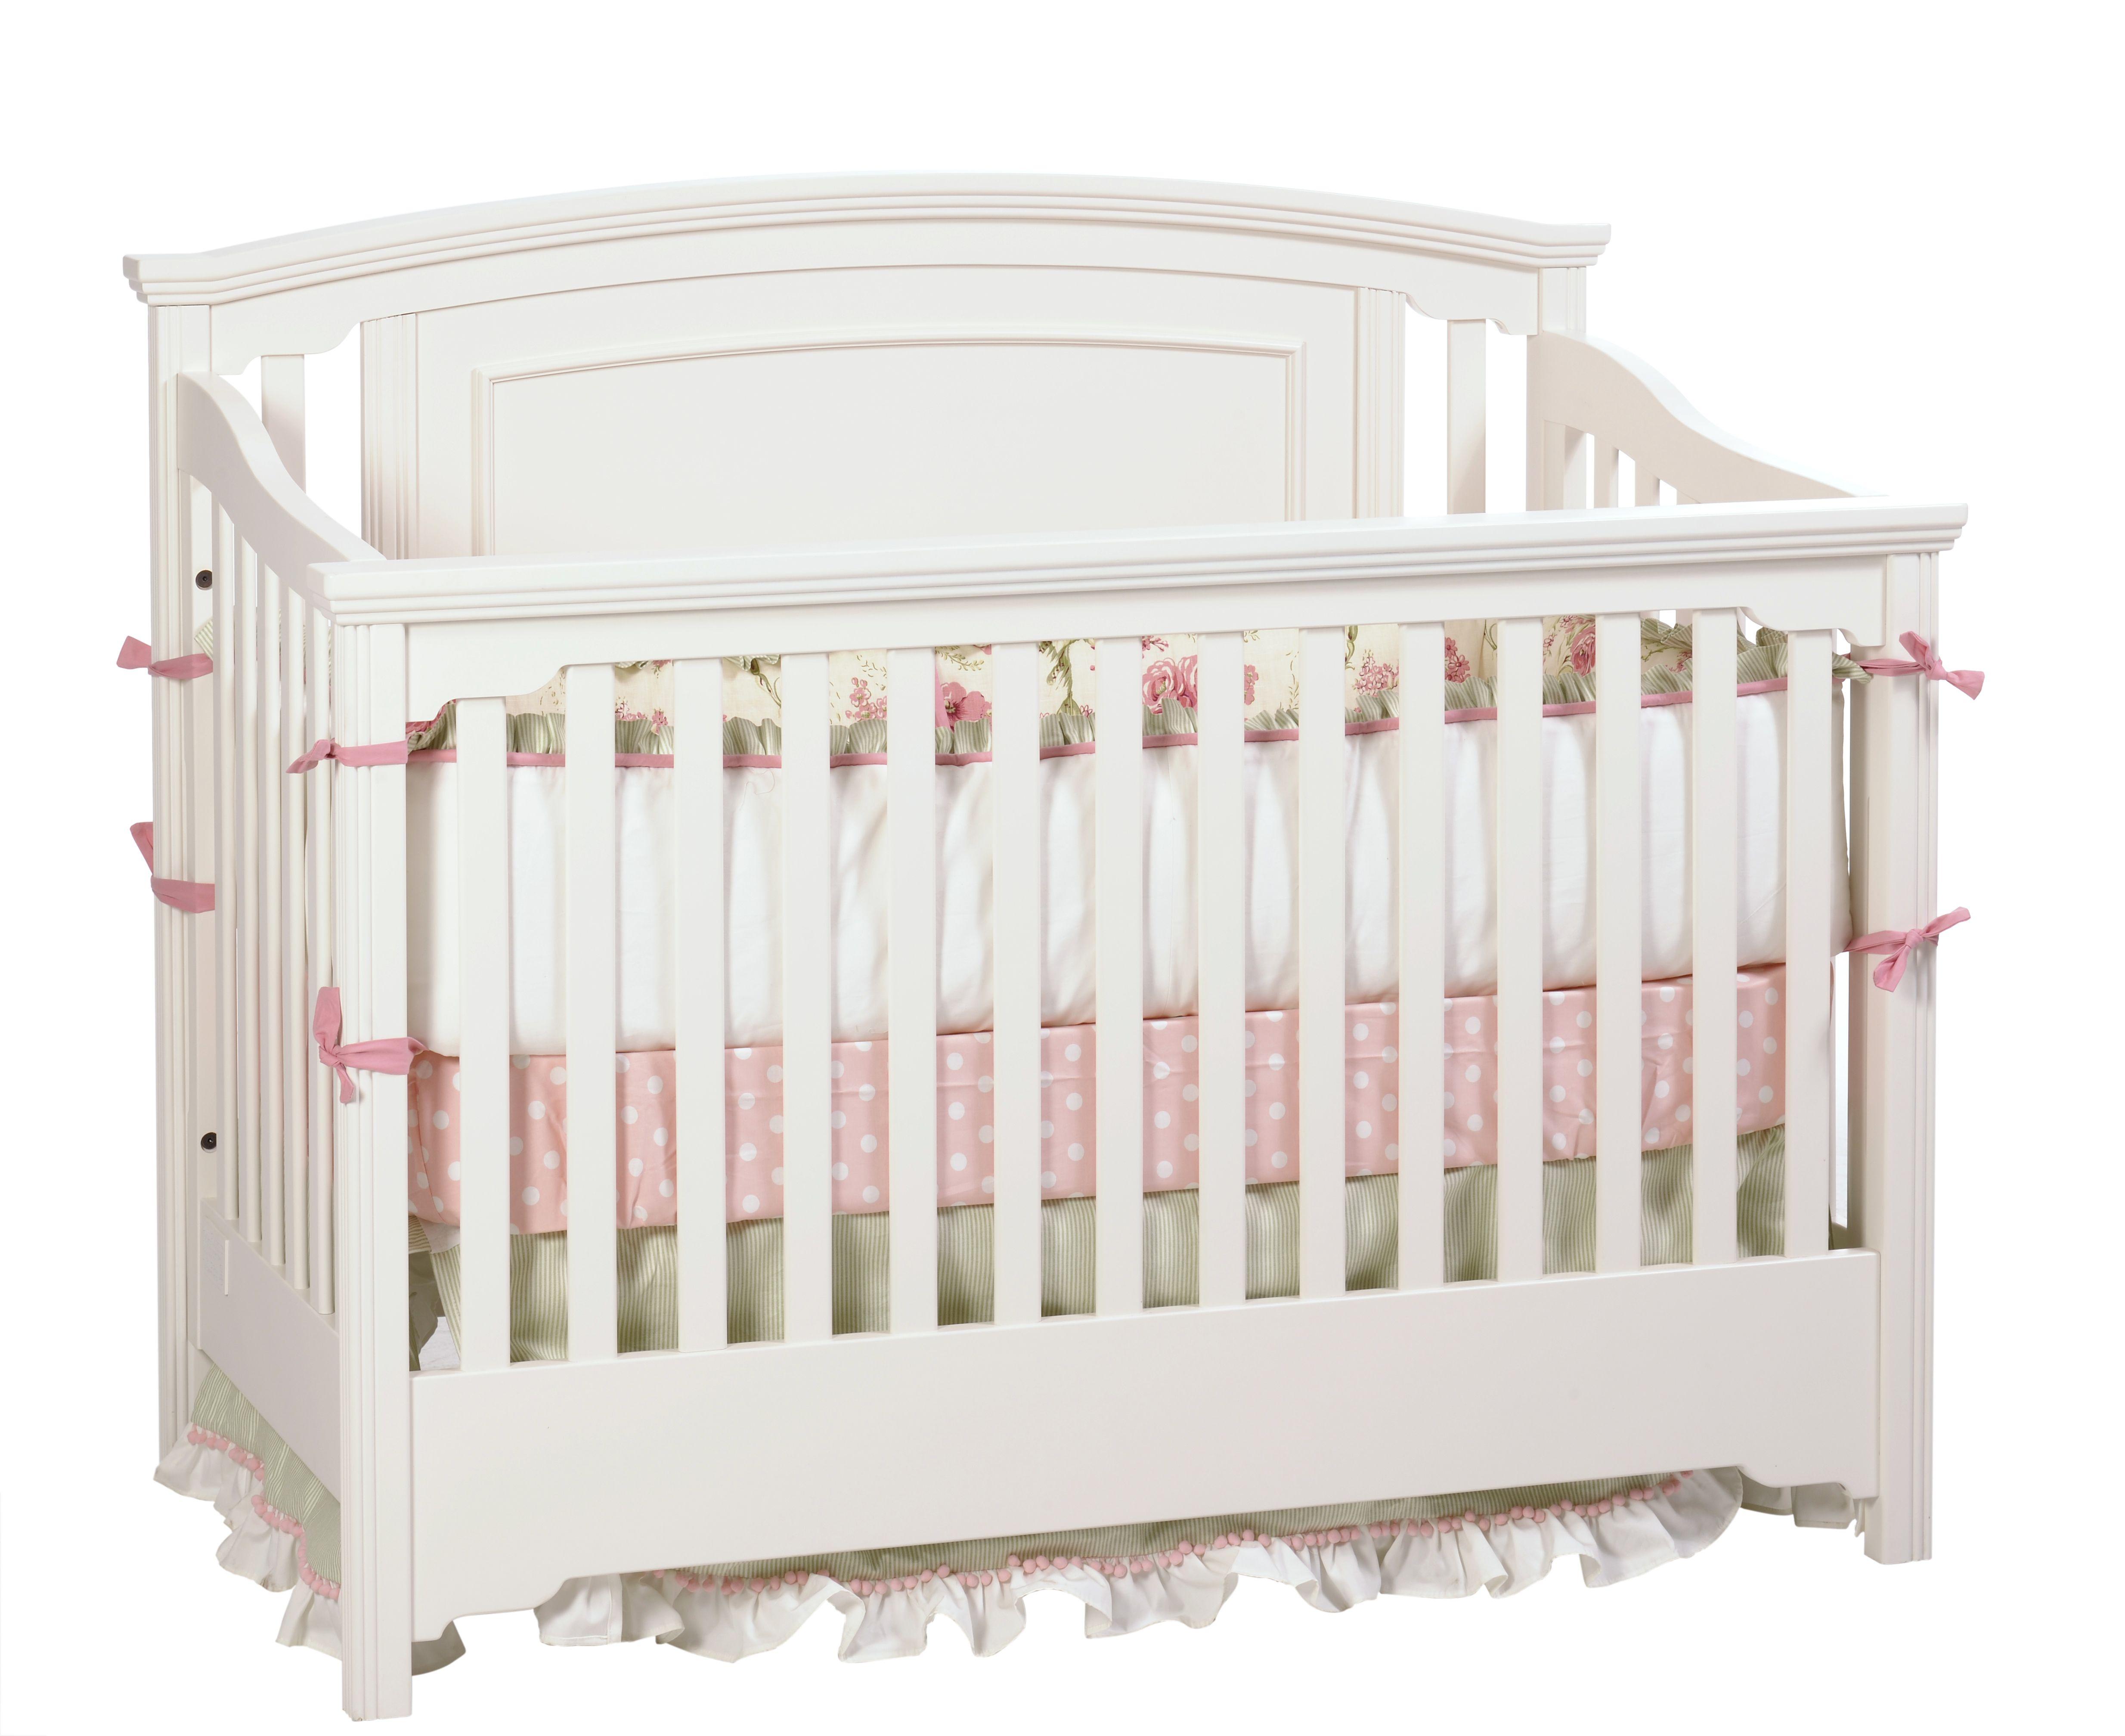 capretti design s veneto crib in snowdrift crib converts into a